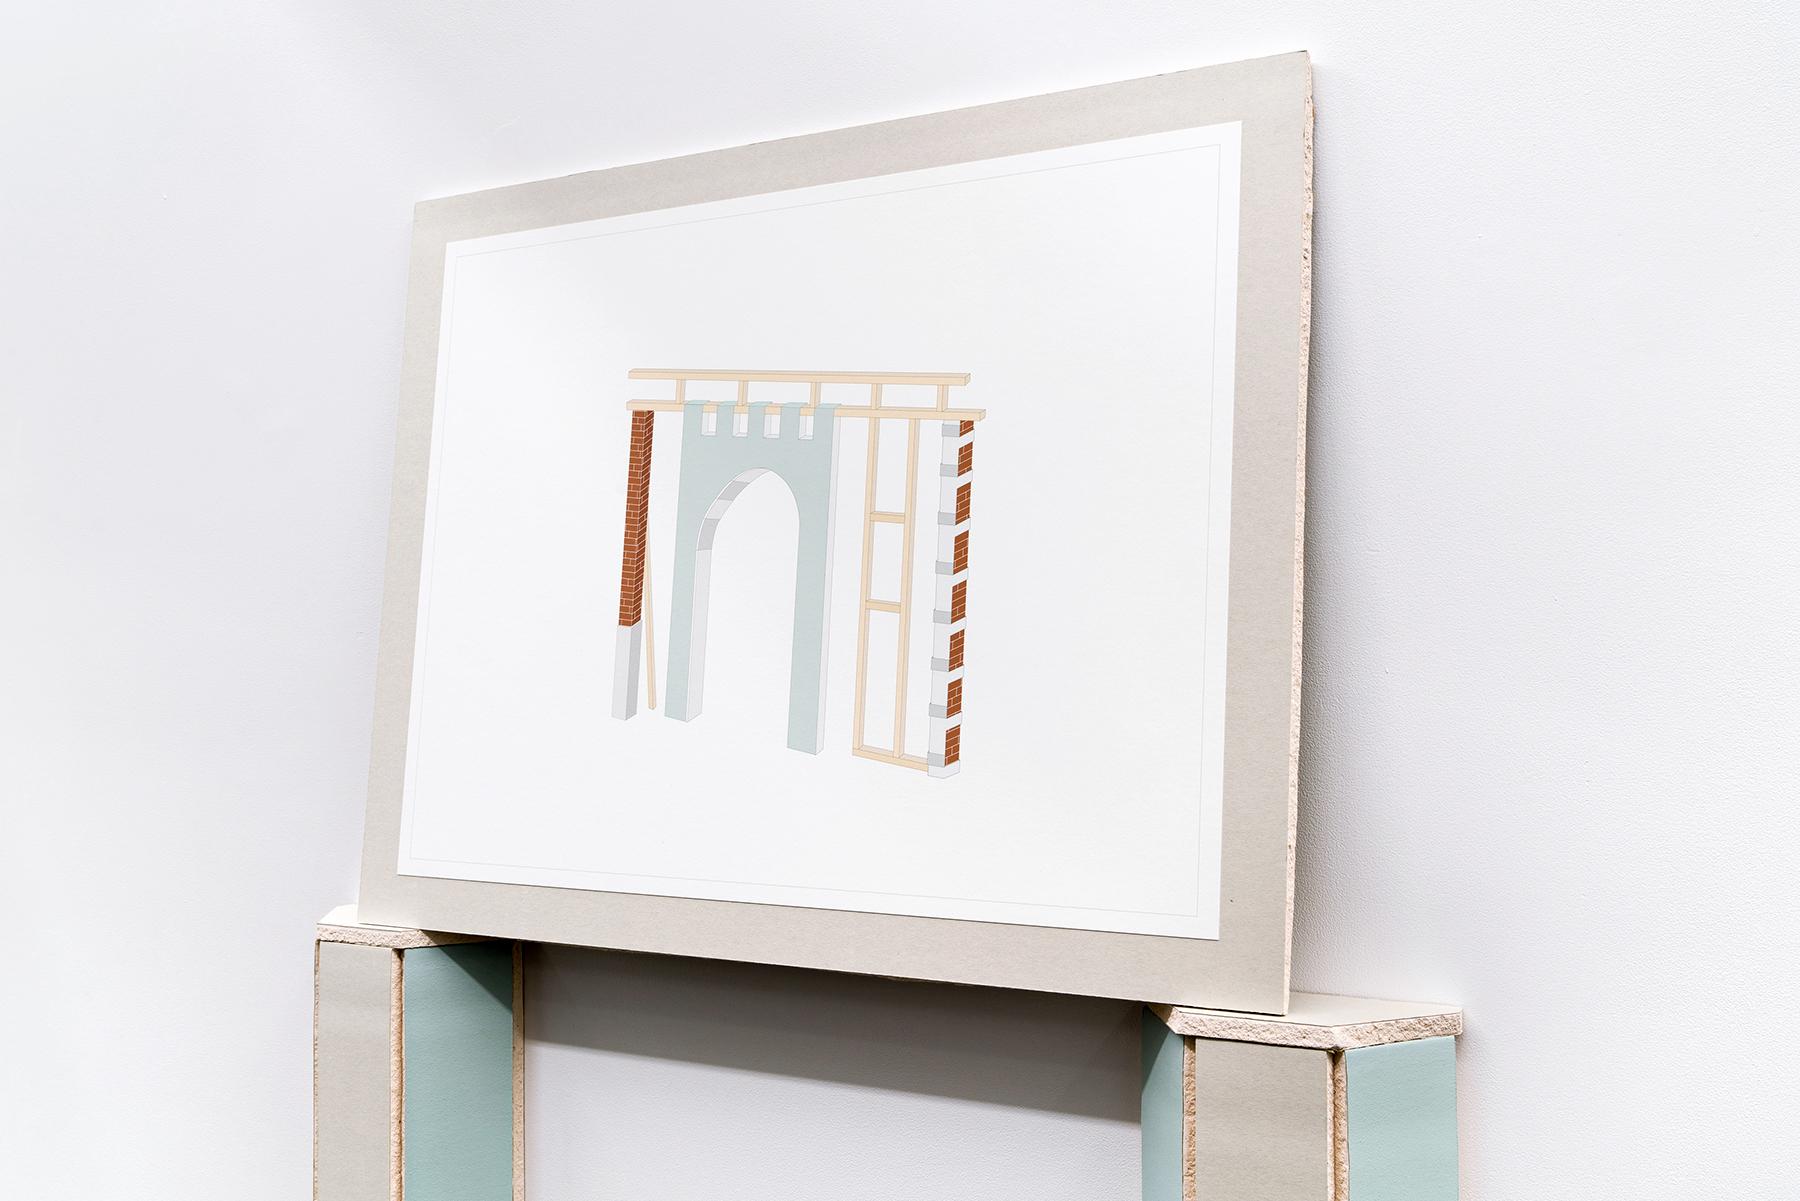 Galerie Sans Nom    Temporary structures : Mus inachevés, phase II   Ann Karine Bourdeau Leduc